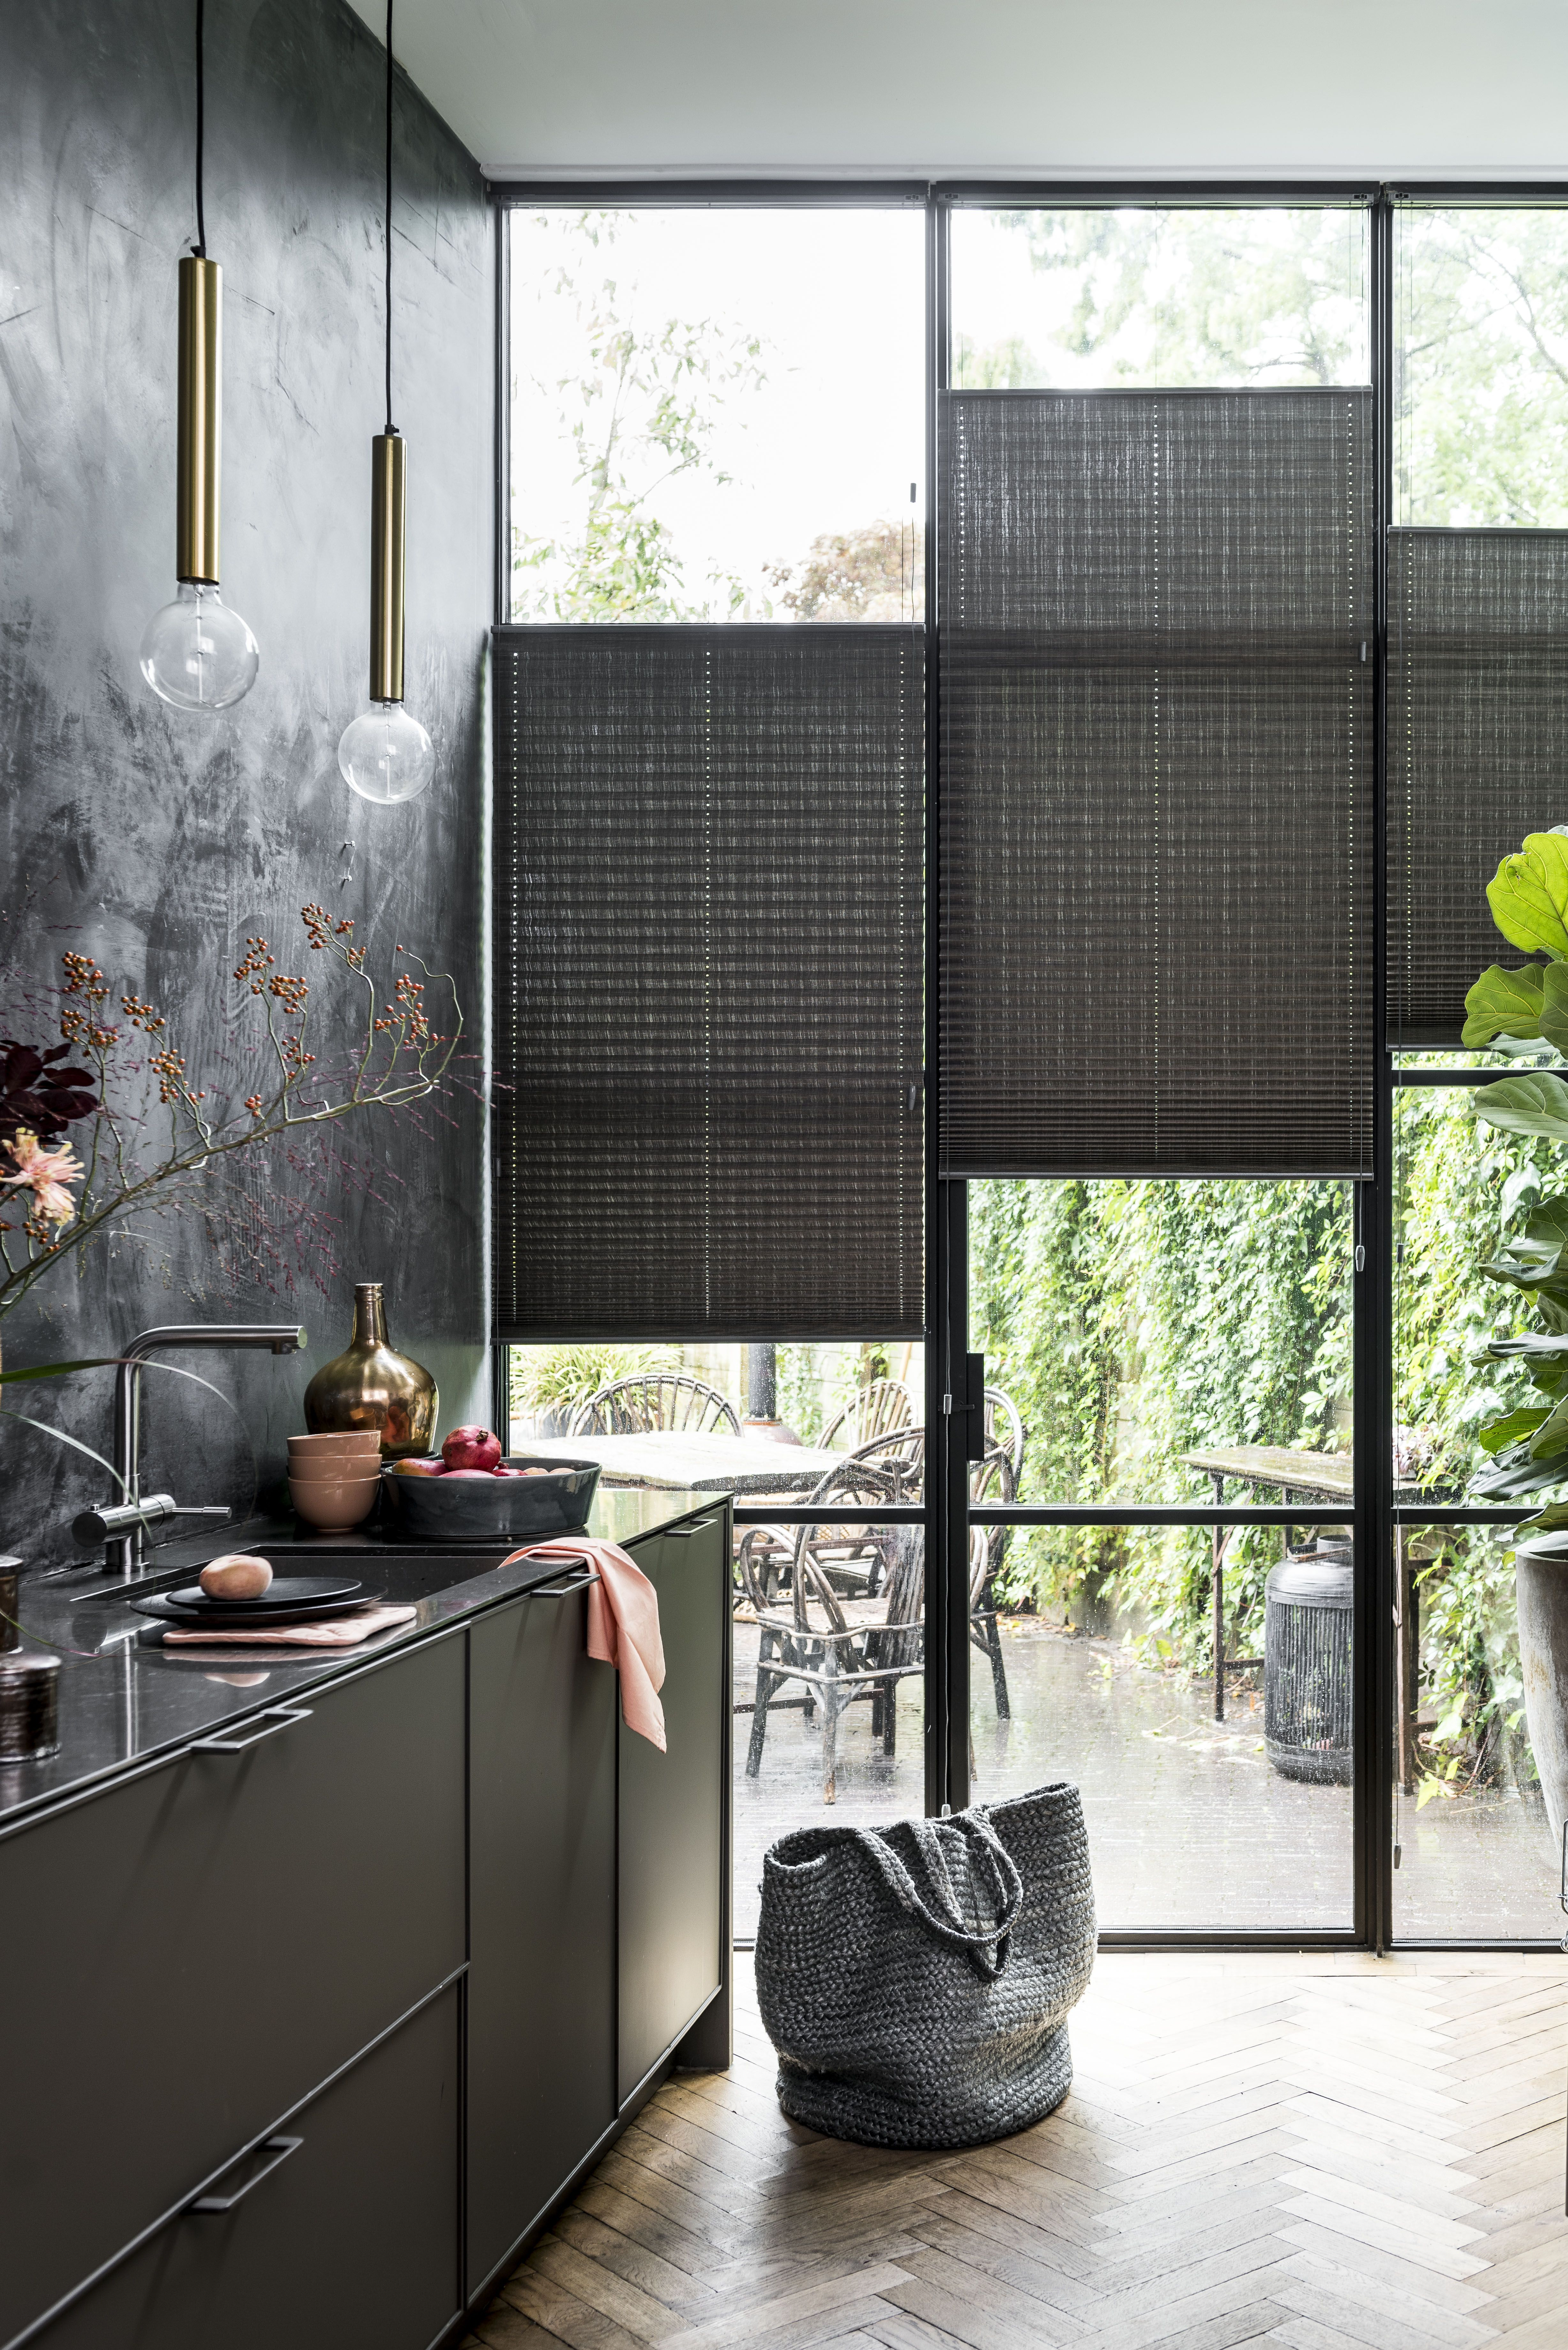 Mooi n strak raamdecoratie inspiratie bece woonkamer